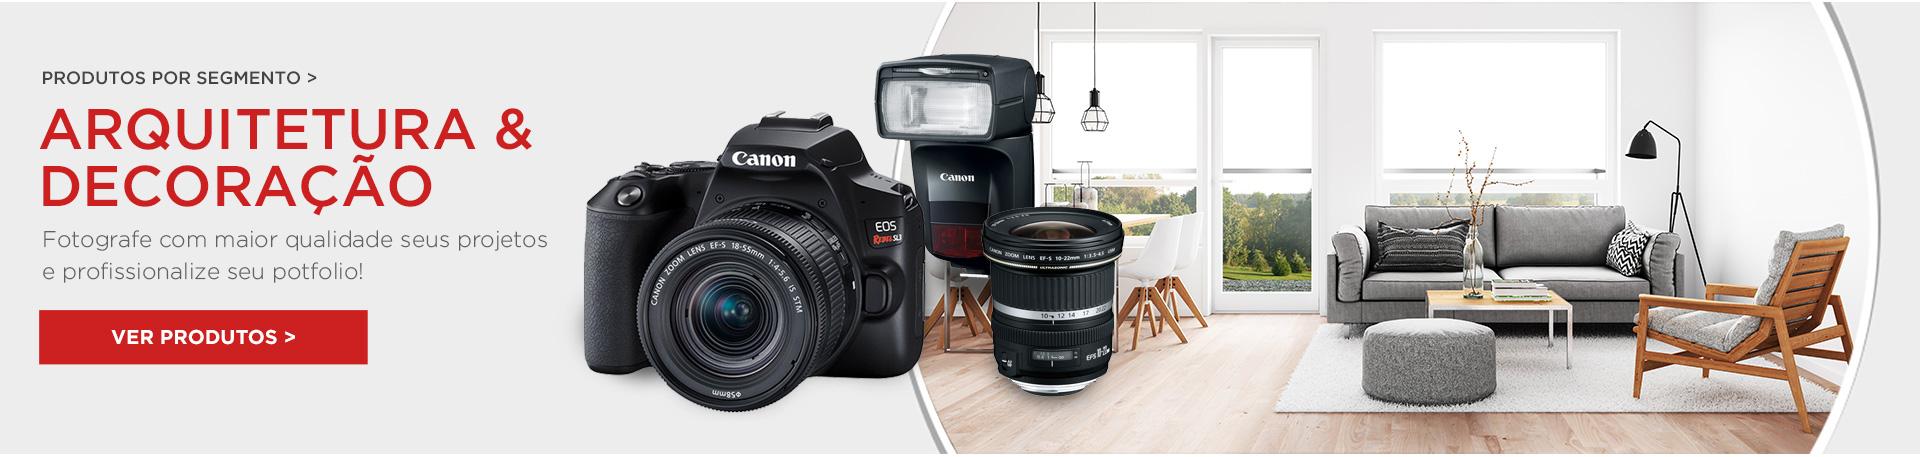 Fotografe com maior qualidade seus projetos e profissionalize seu potfolio!